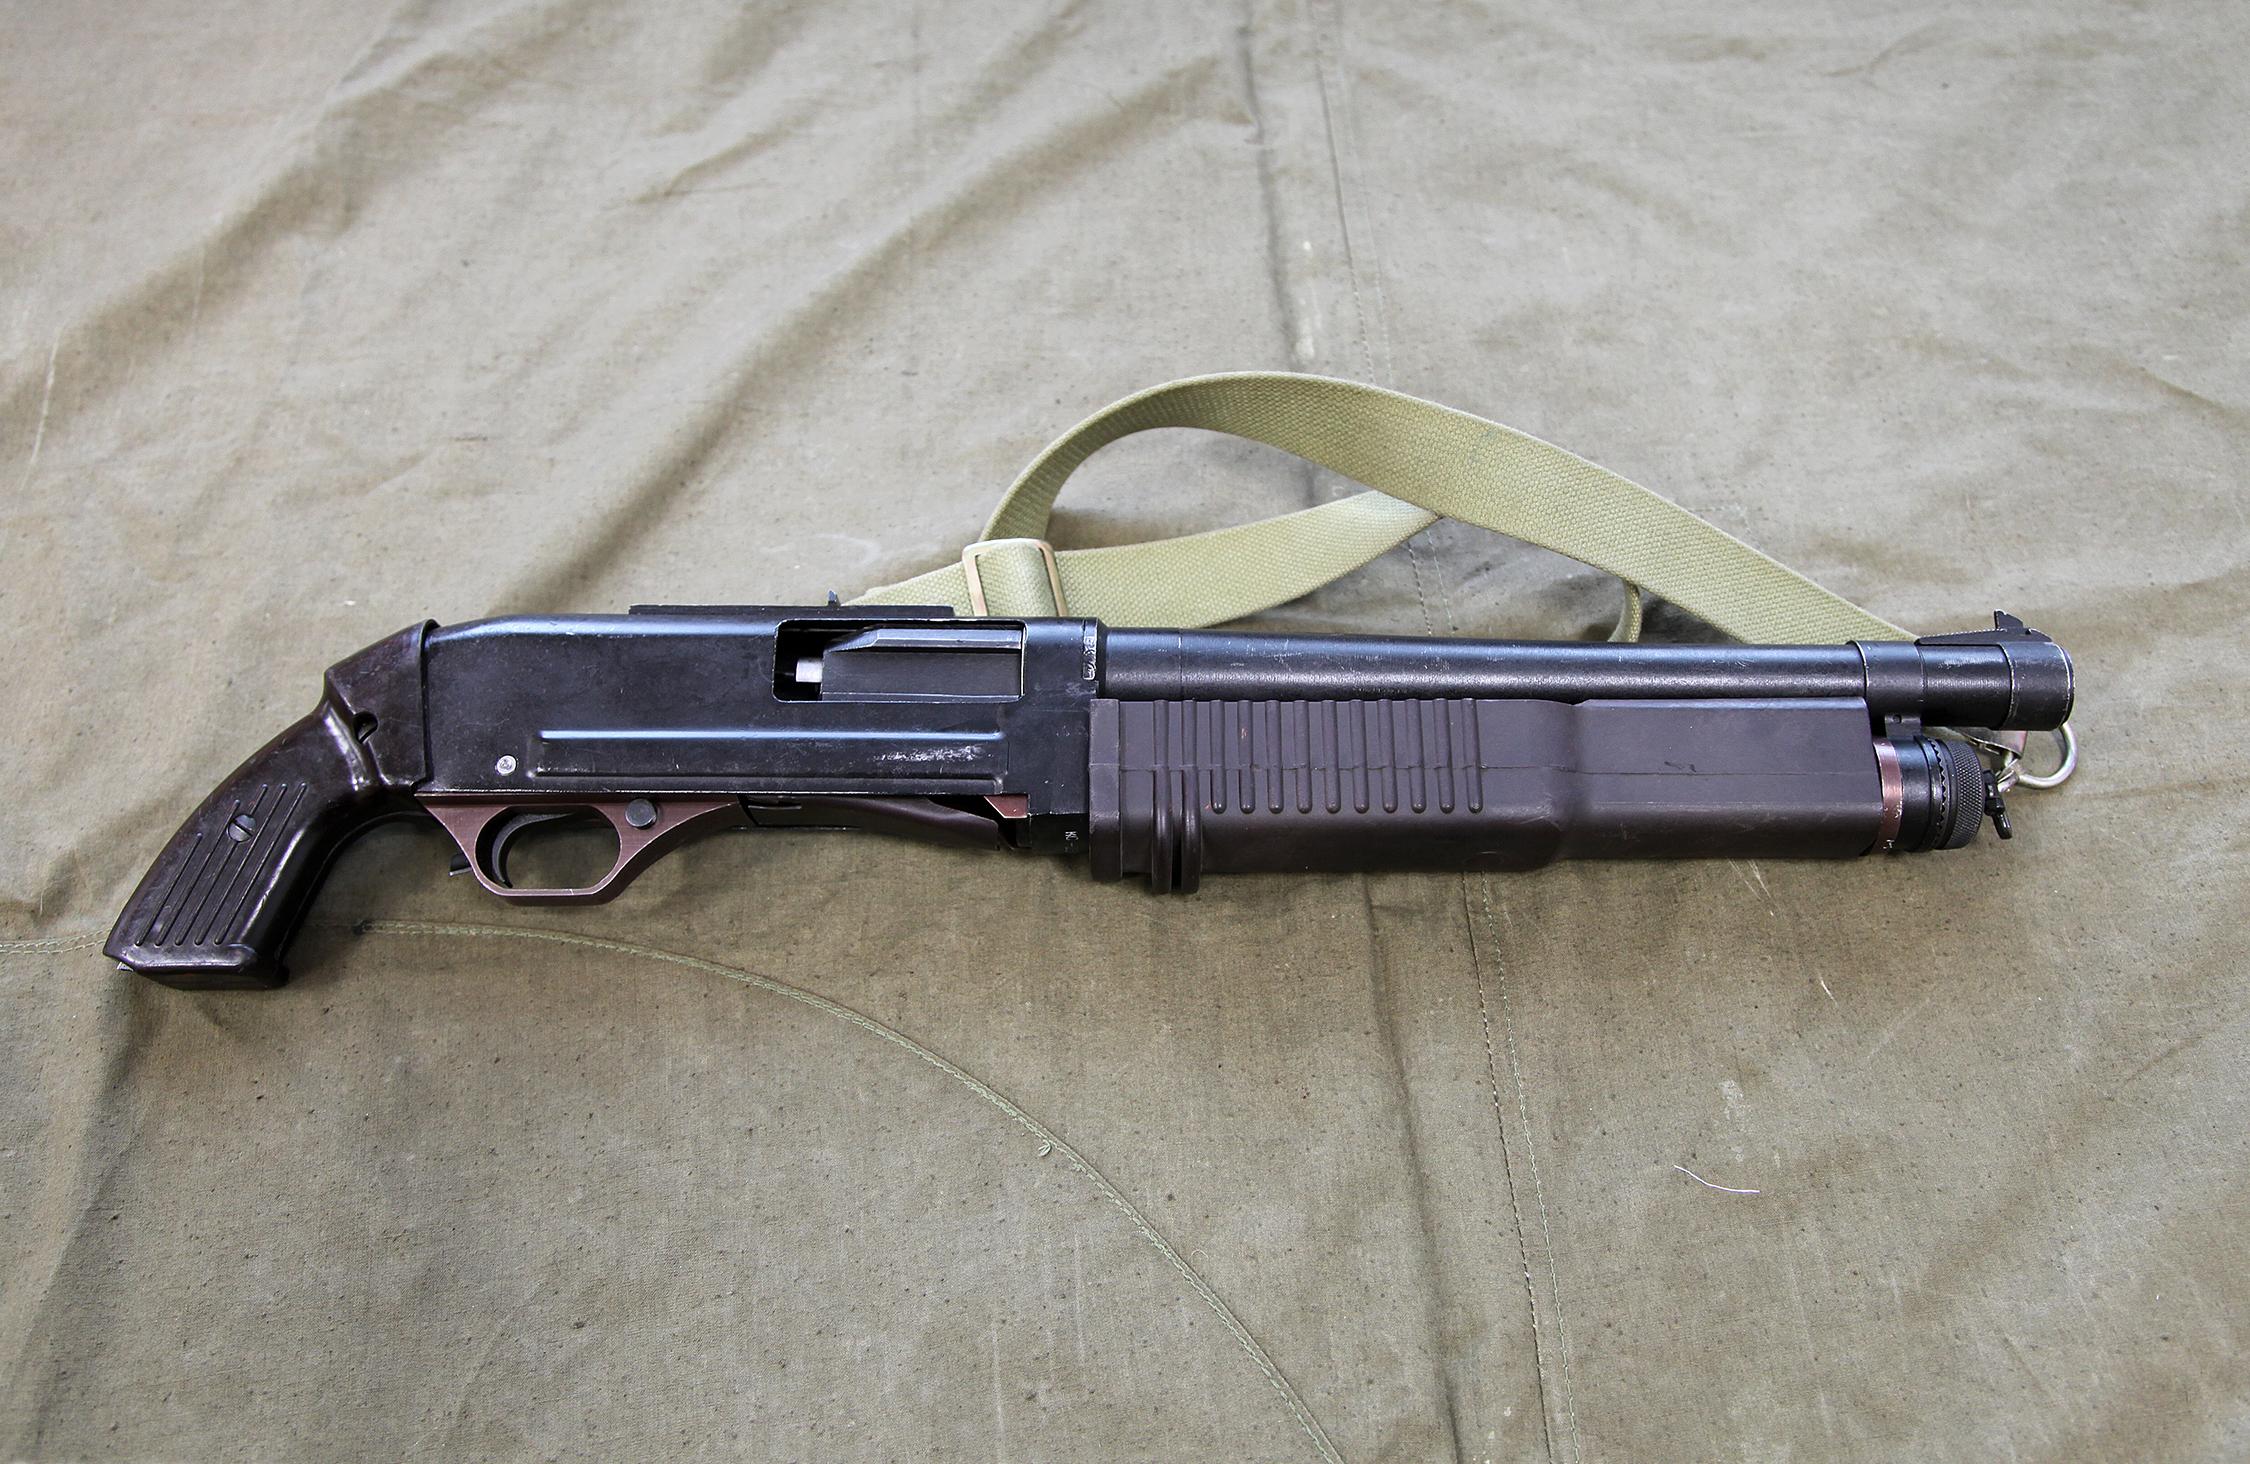 KS-23 - Wikipedia